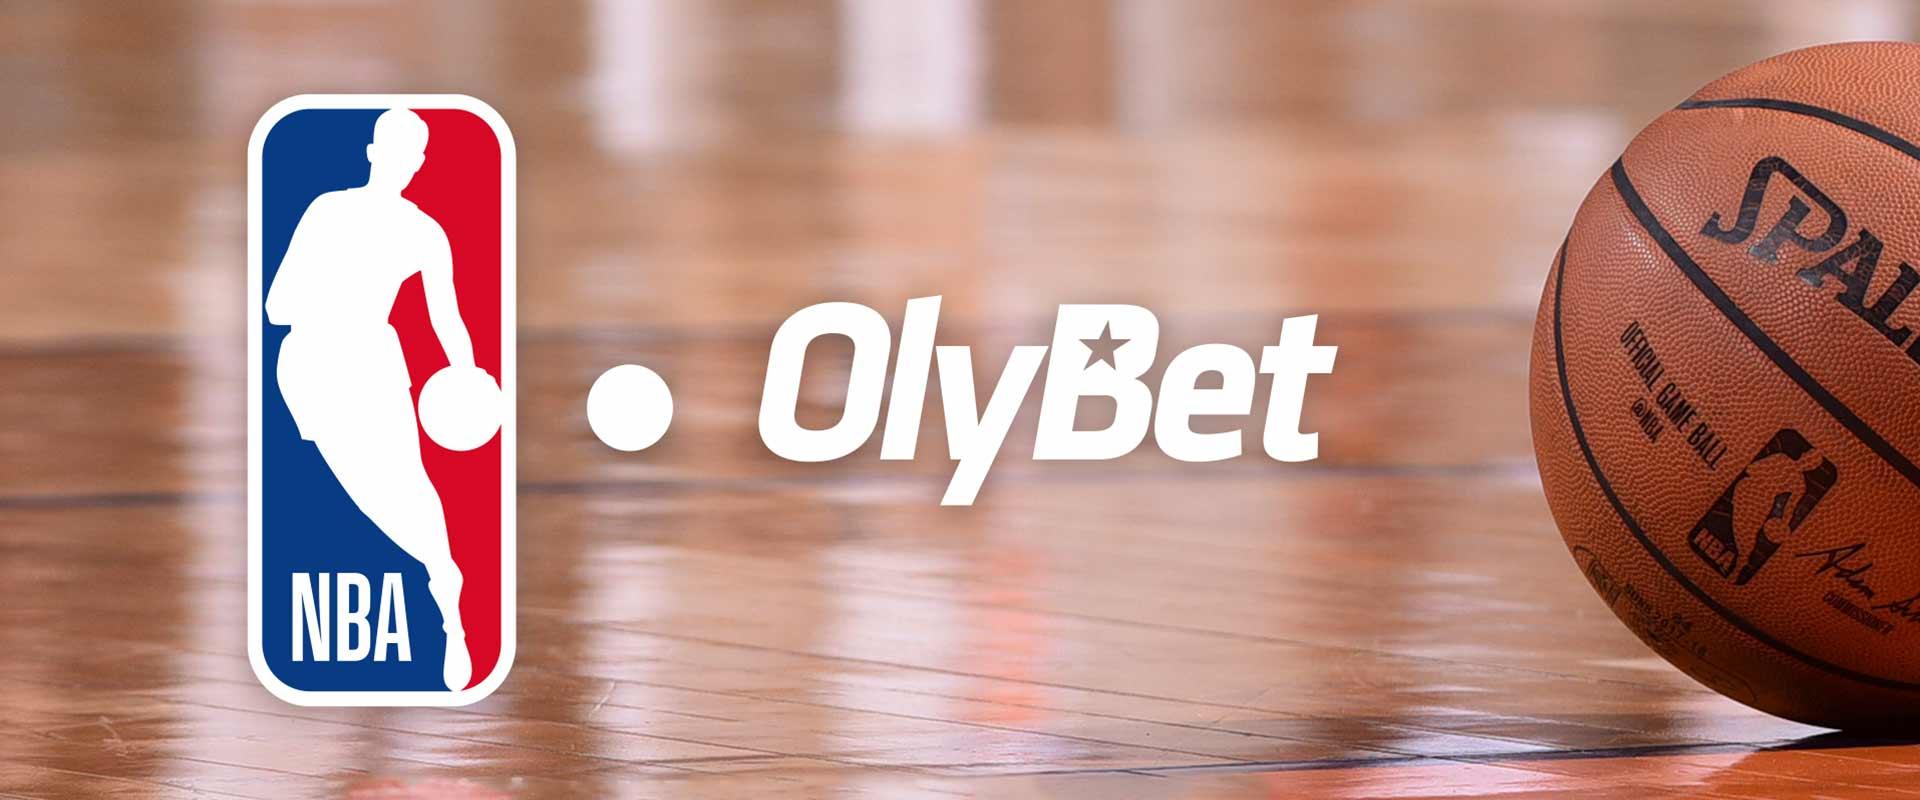 Olybet tampa oficialiu NBA lažybų partneriu Baltijos šalyse bei Slovakijoje